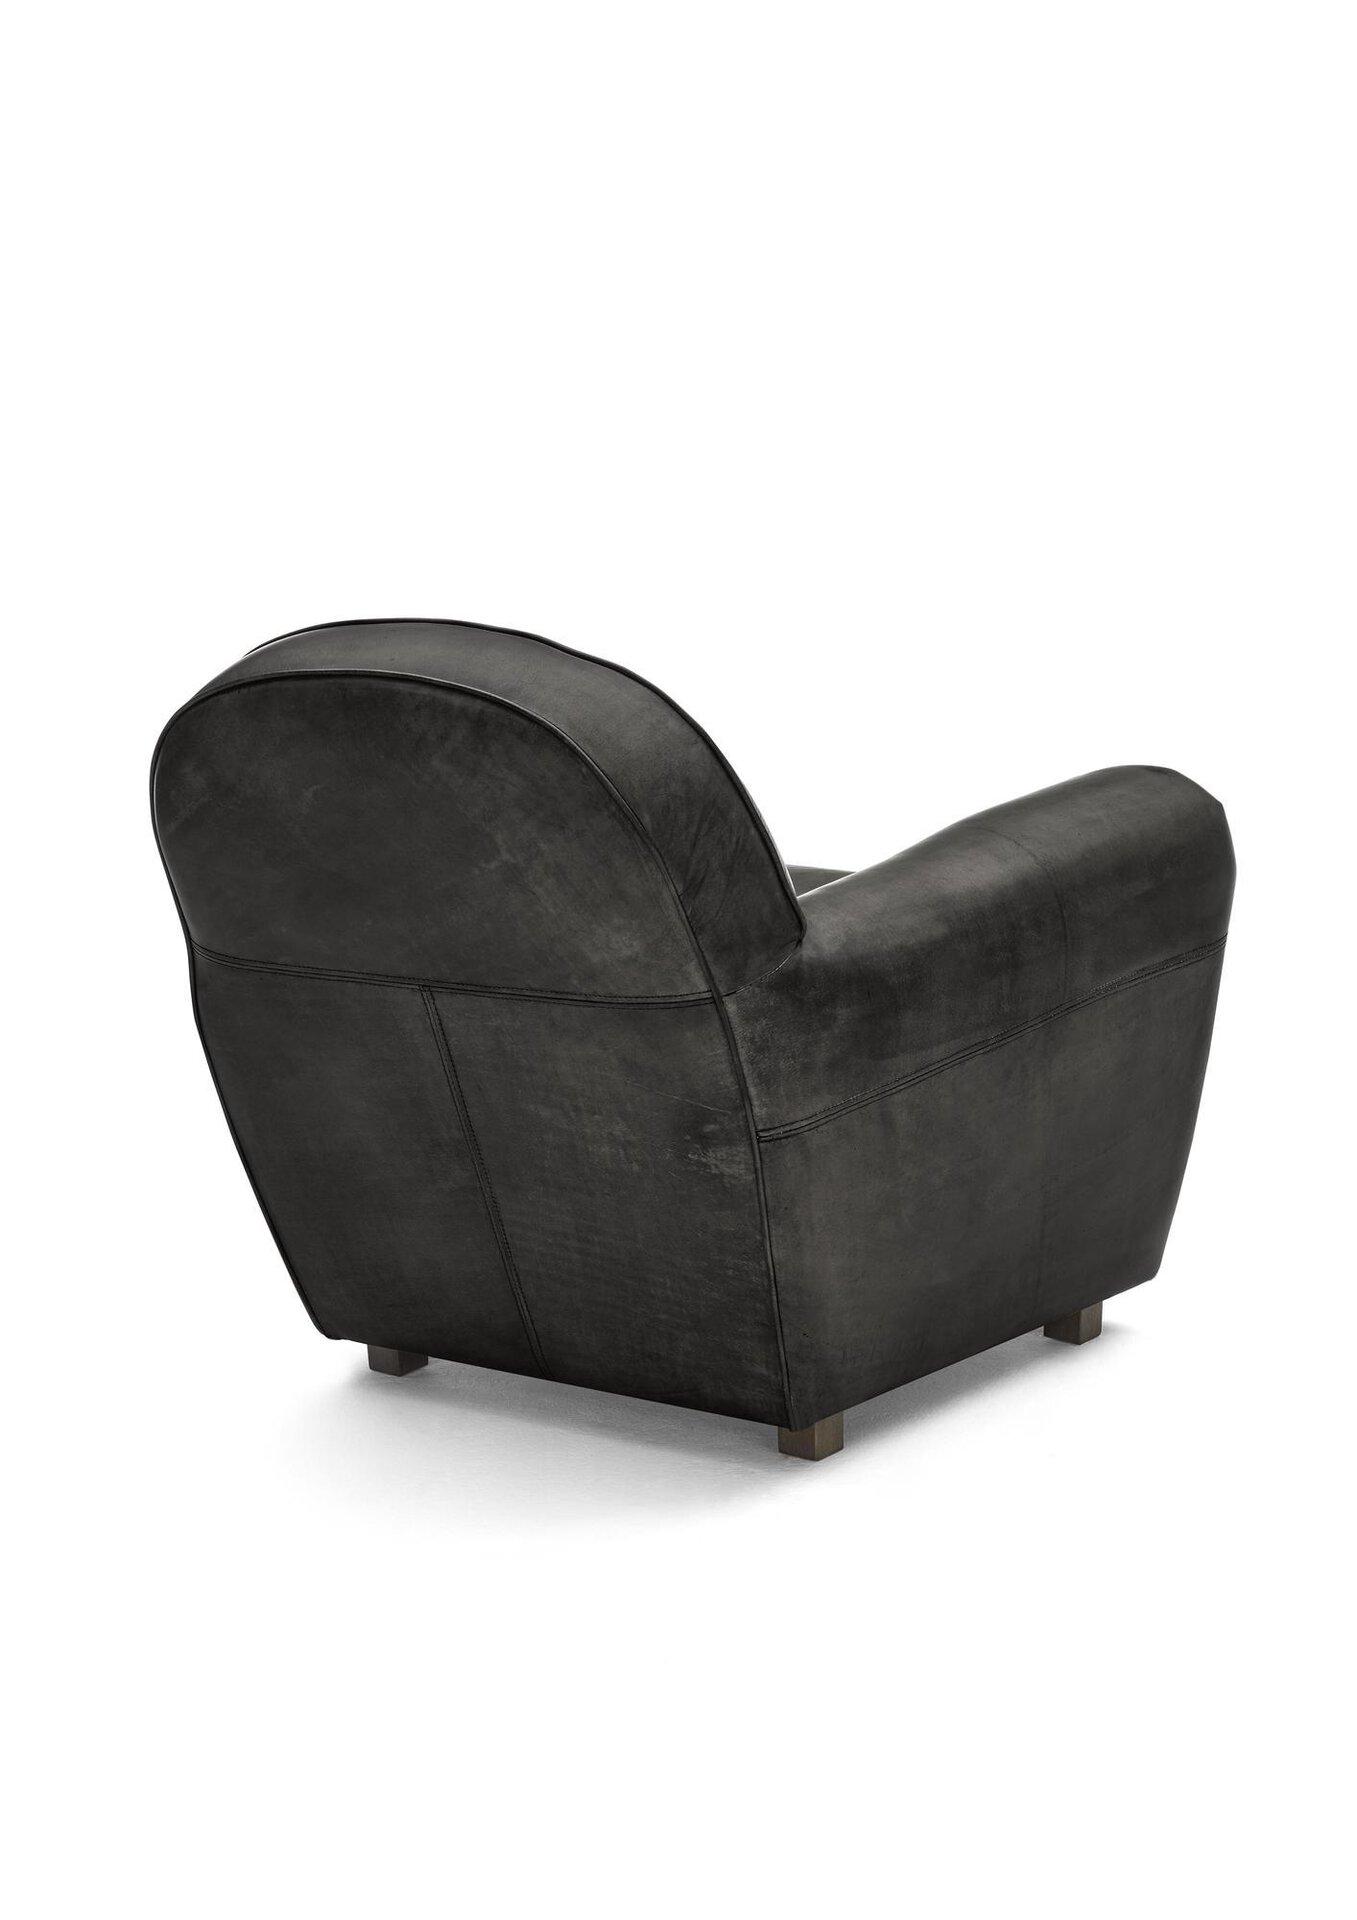 Einzelsessel WK5003 MARKO WK Wohnen Edition Leder schwarz